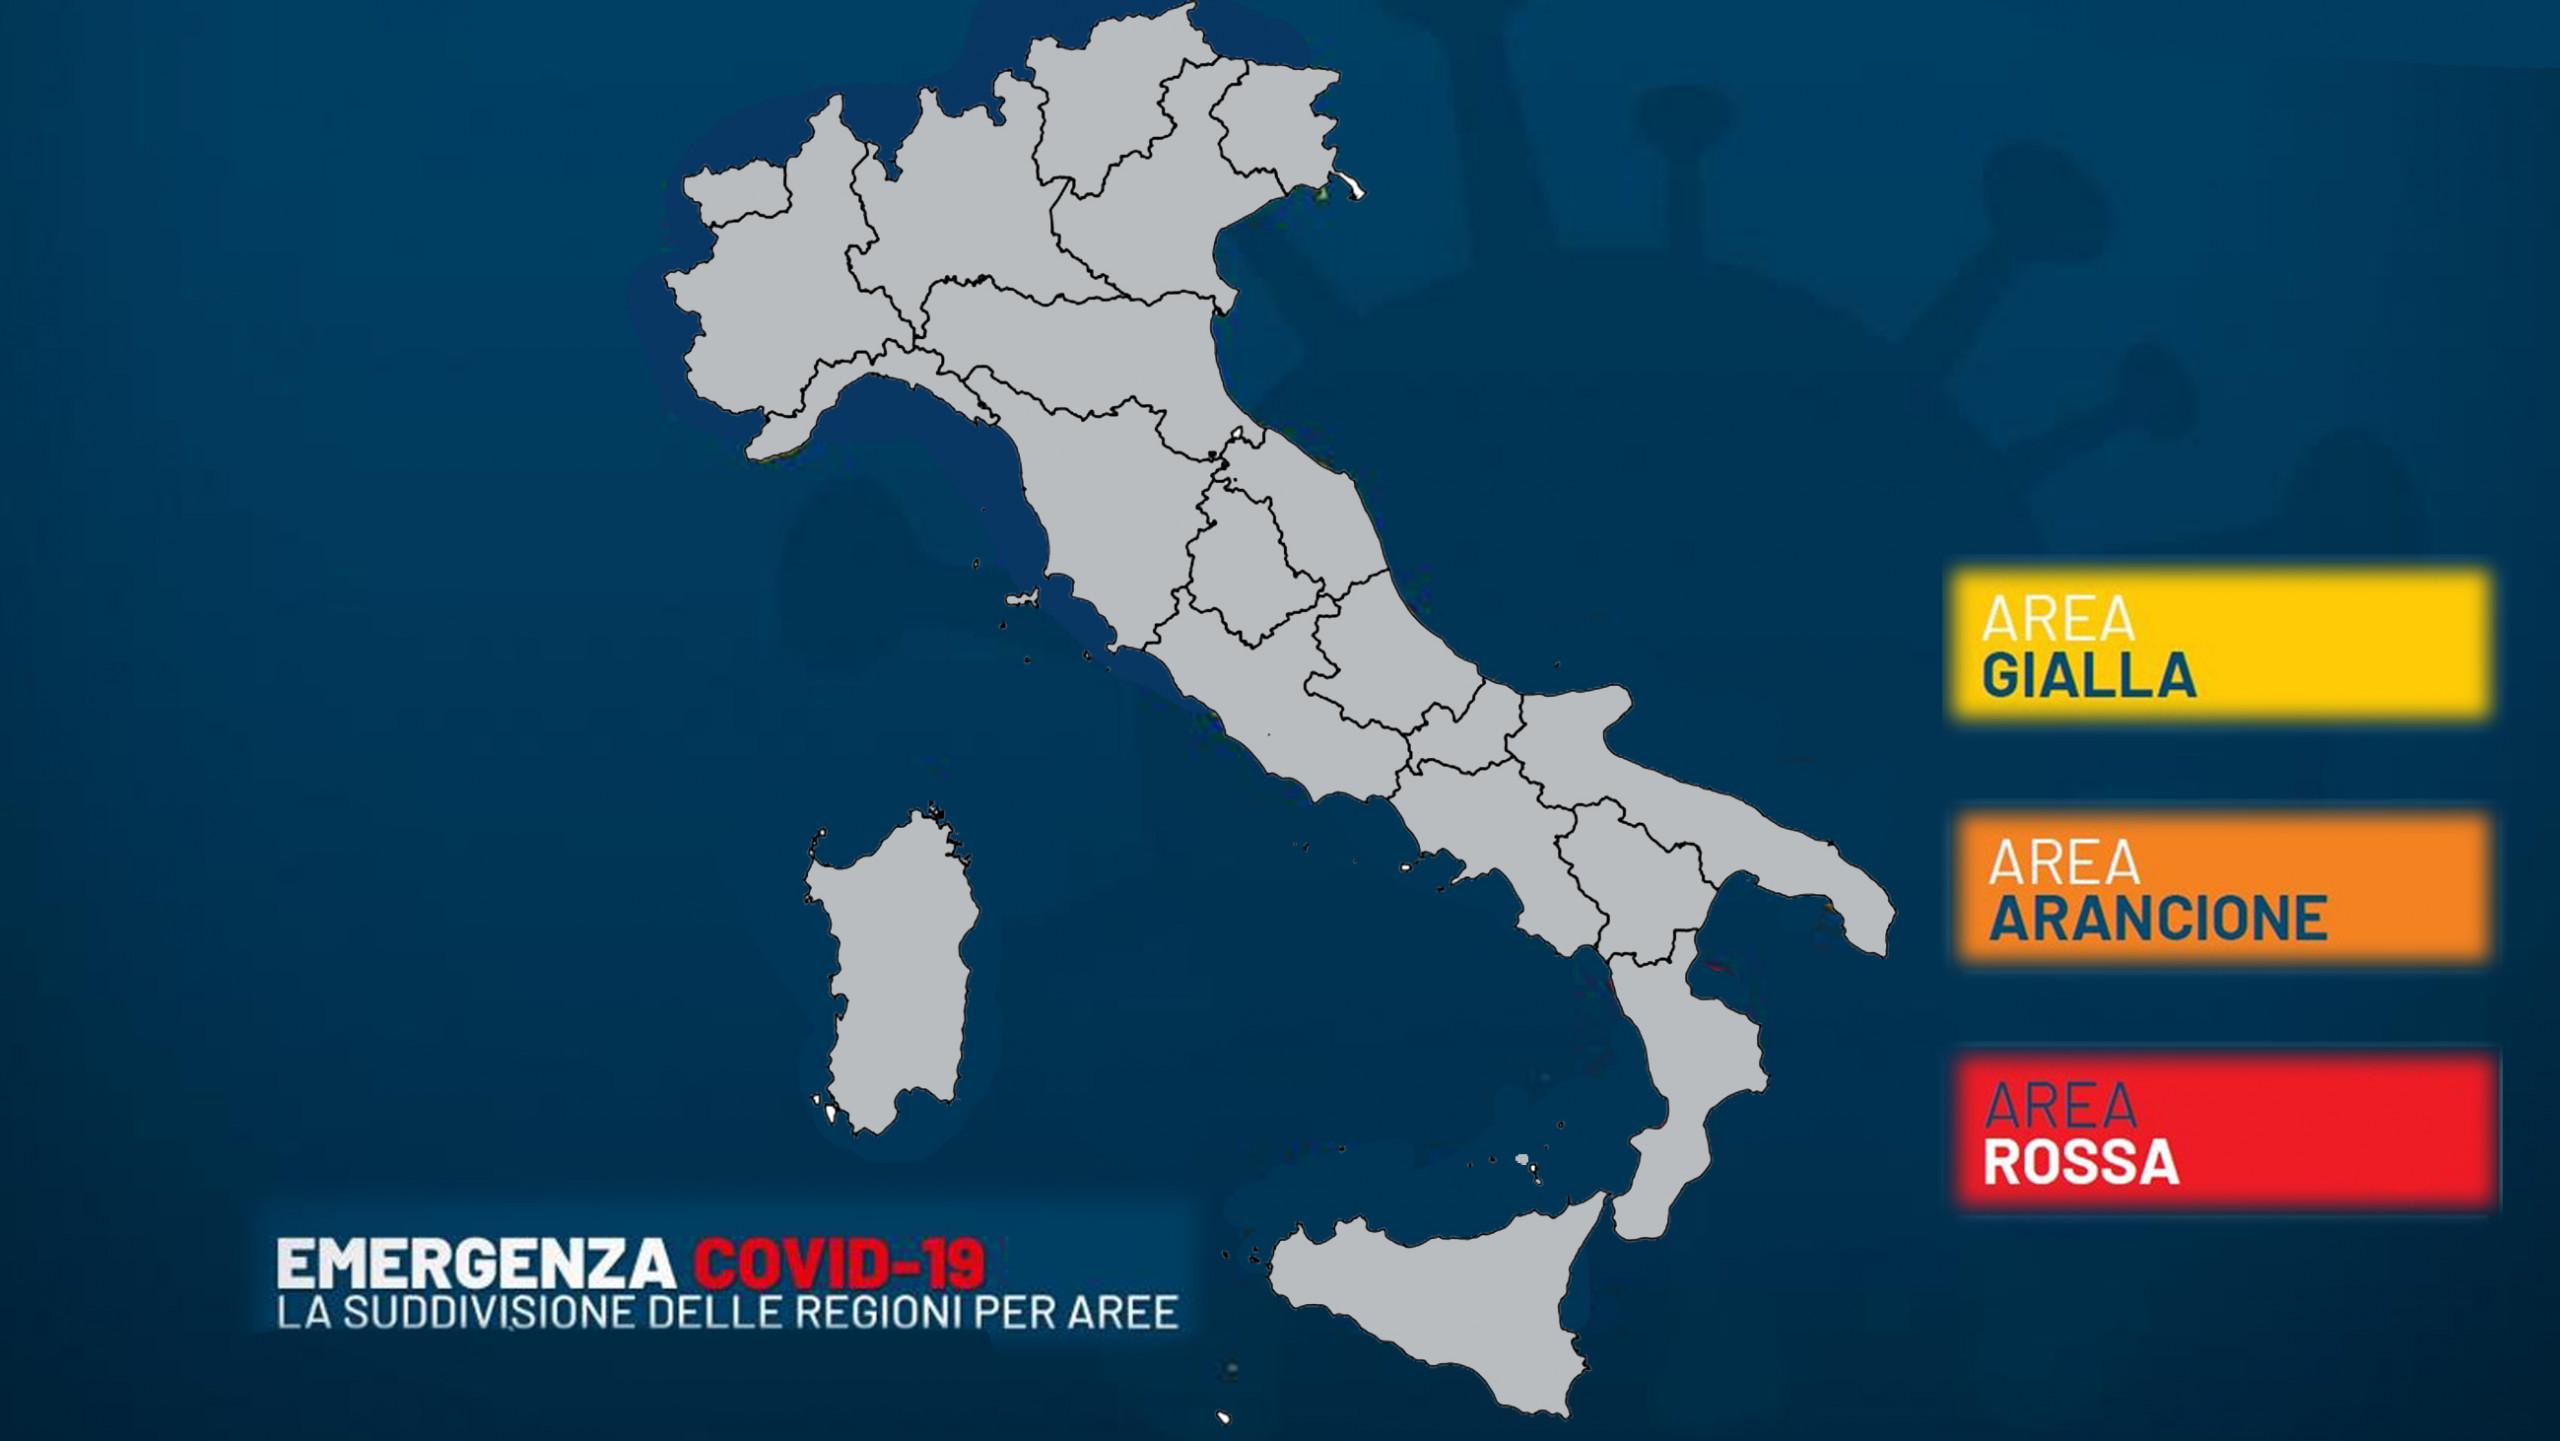 Colori Italia Covid, Area gialla, arancione, rossa